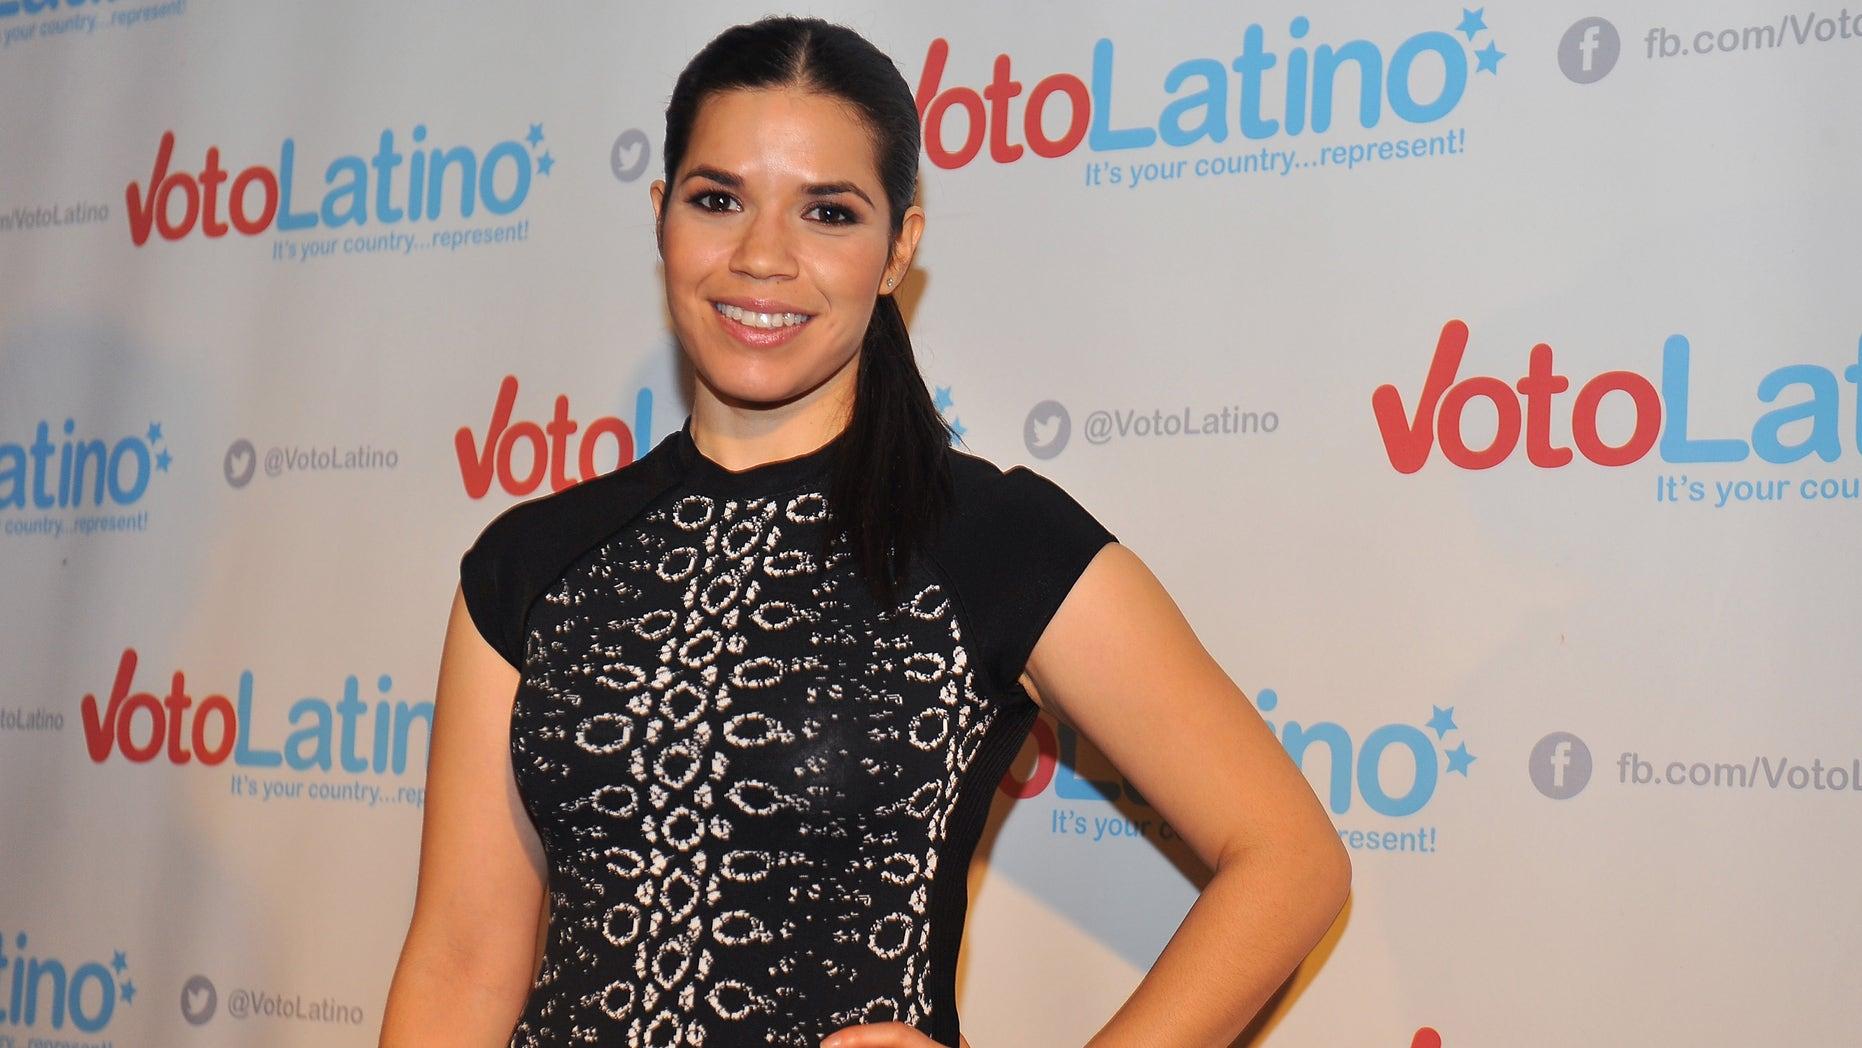 America Ferrera attends Voto Latino's 10th Anniversary on March 4, 2015 in Washington, DC.